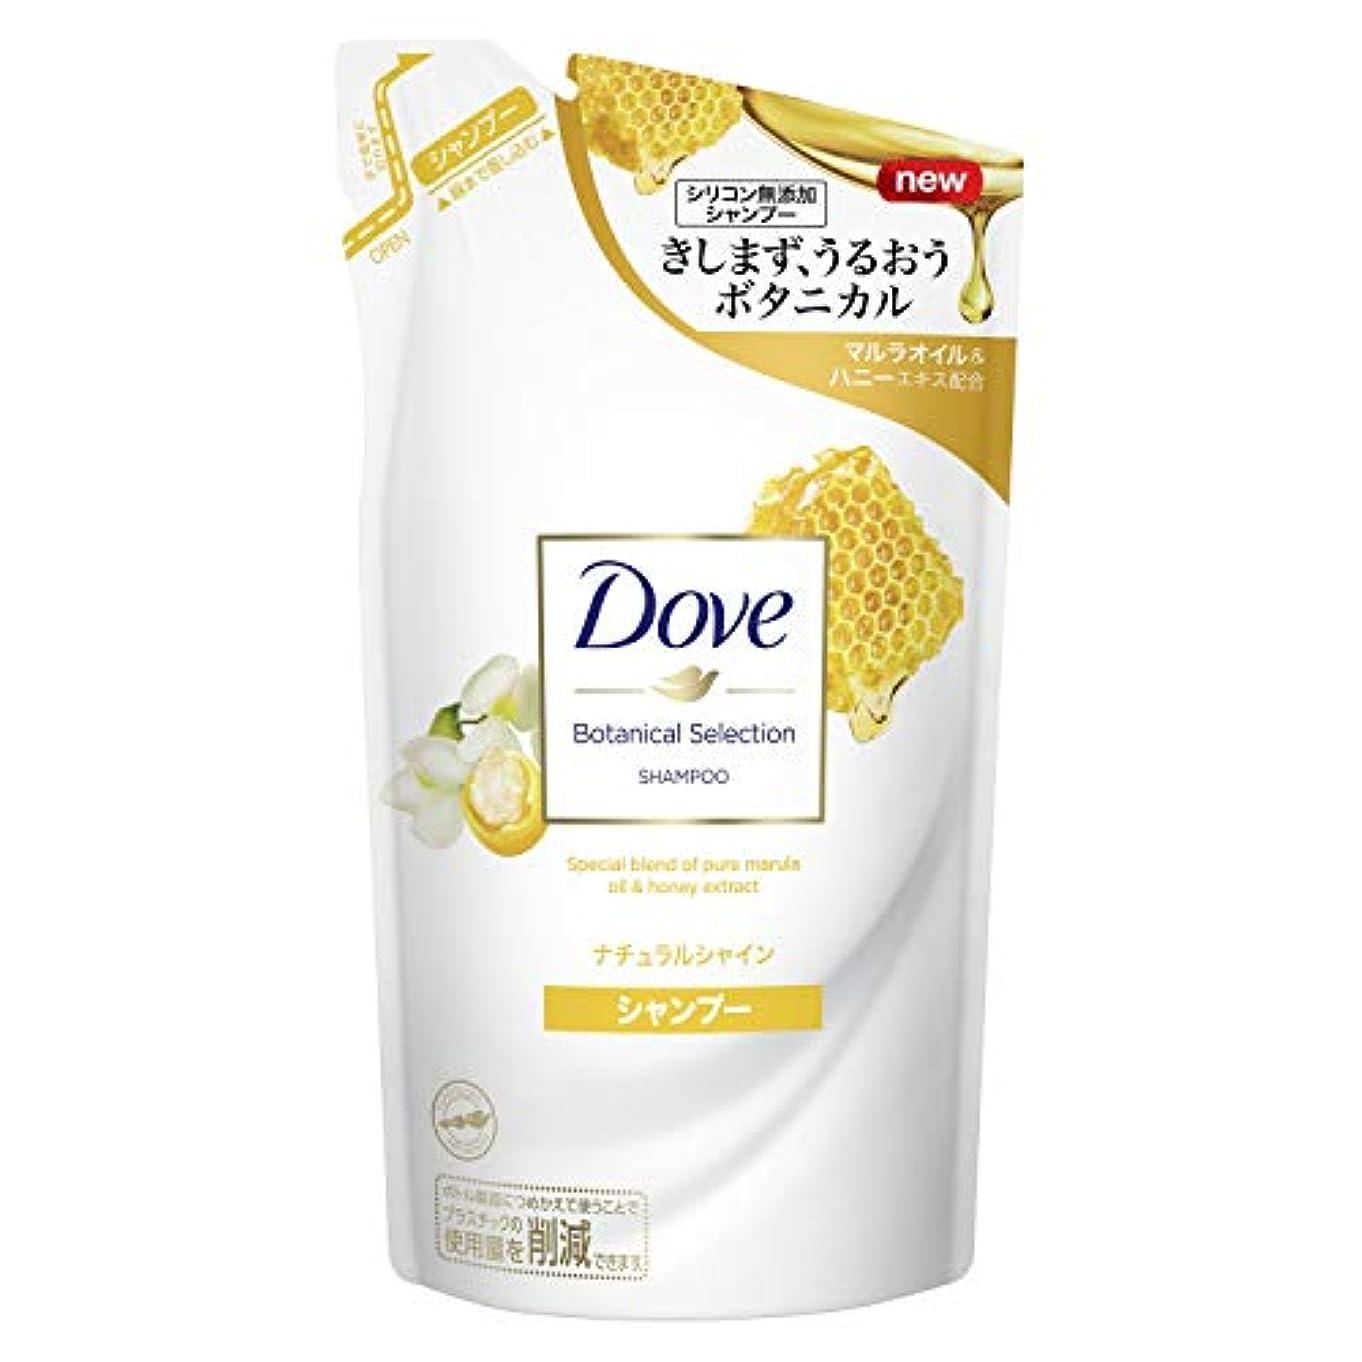 年回復合理的Dove(ダヴ) ダヴ ボタニカルセレクション ナチュラルシャイン シャンプー つめかえ用 350g